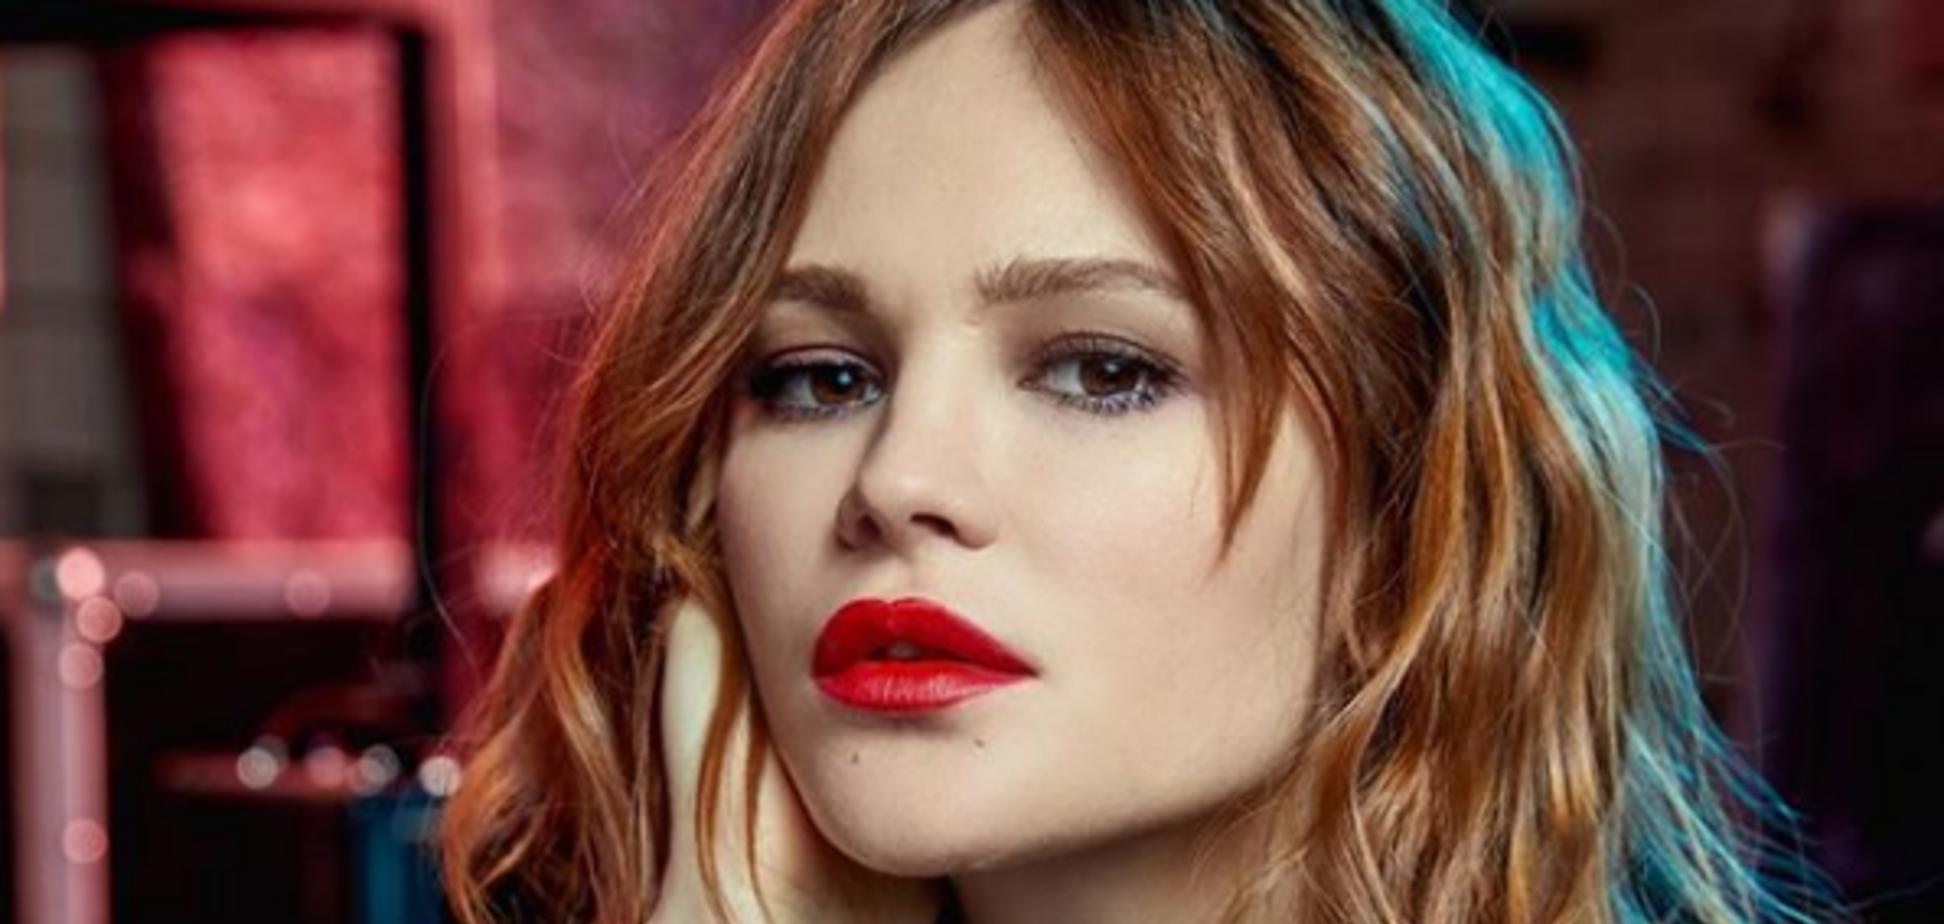 Горячо и сексуально: подборка откровенных фото звезды 'Любовь в большом городе'